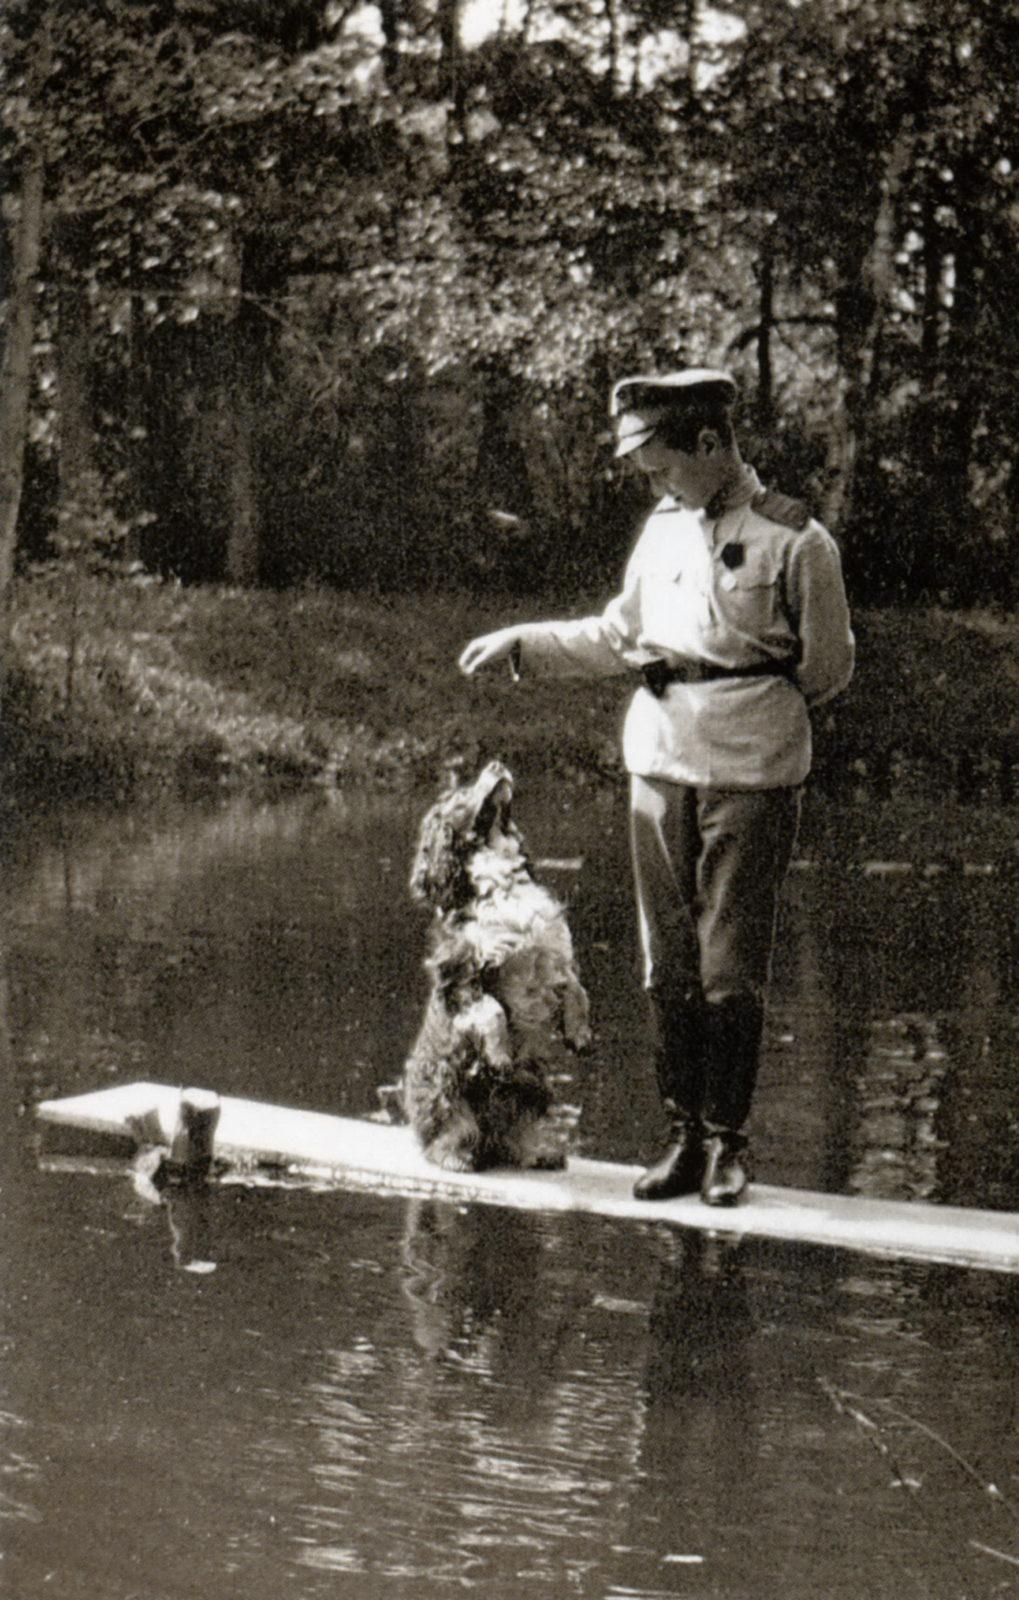 Tsesarevich Alexei with Joy . Tsarskoe Selo. 1917.